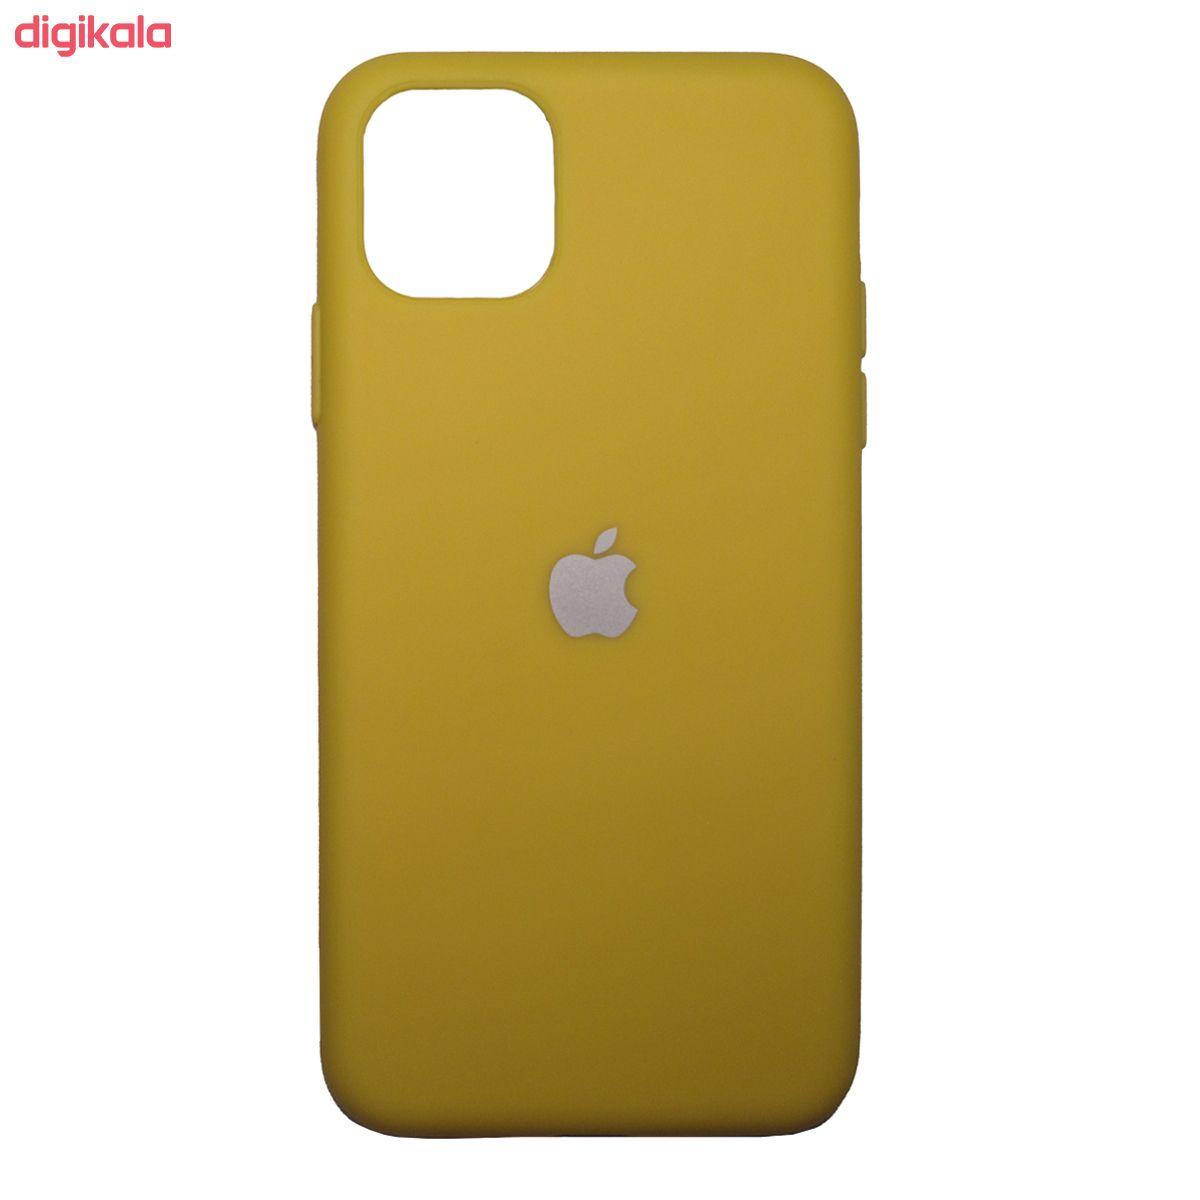 کاور مدل SC مناسب برای گوشی موبایل اپل Iphone 11 Pro Max main 1 2